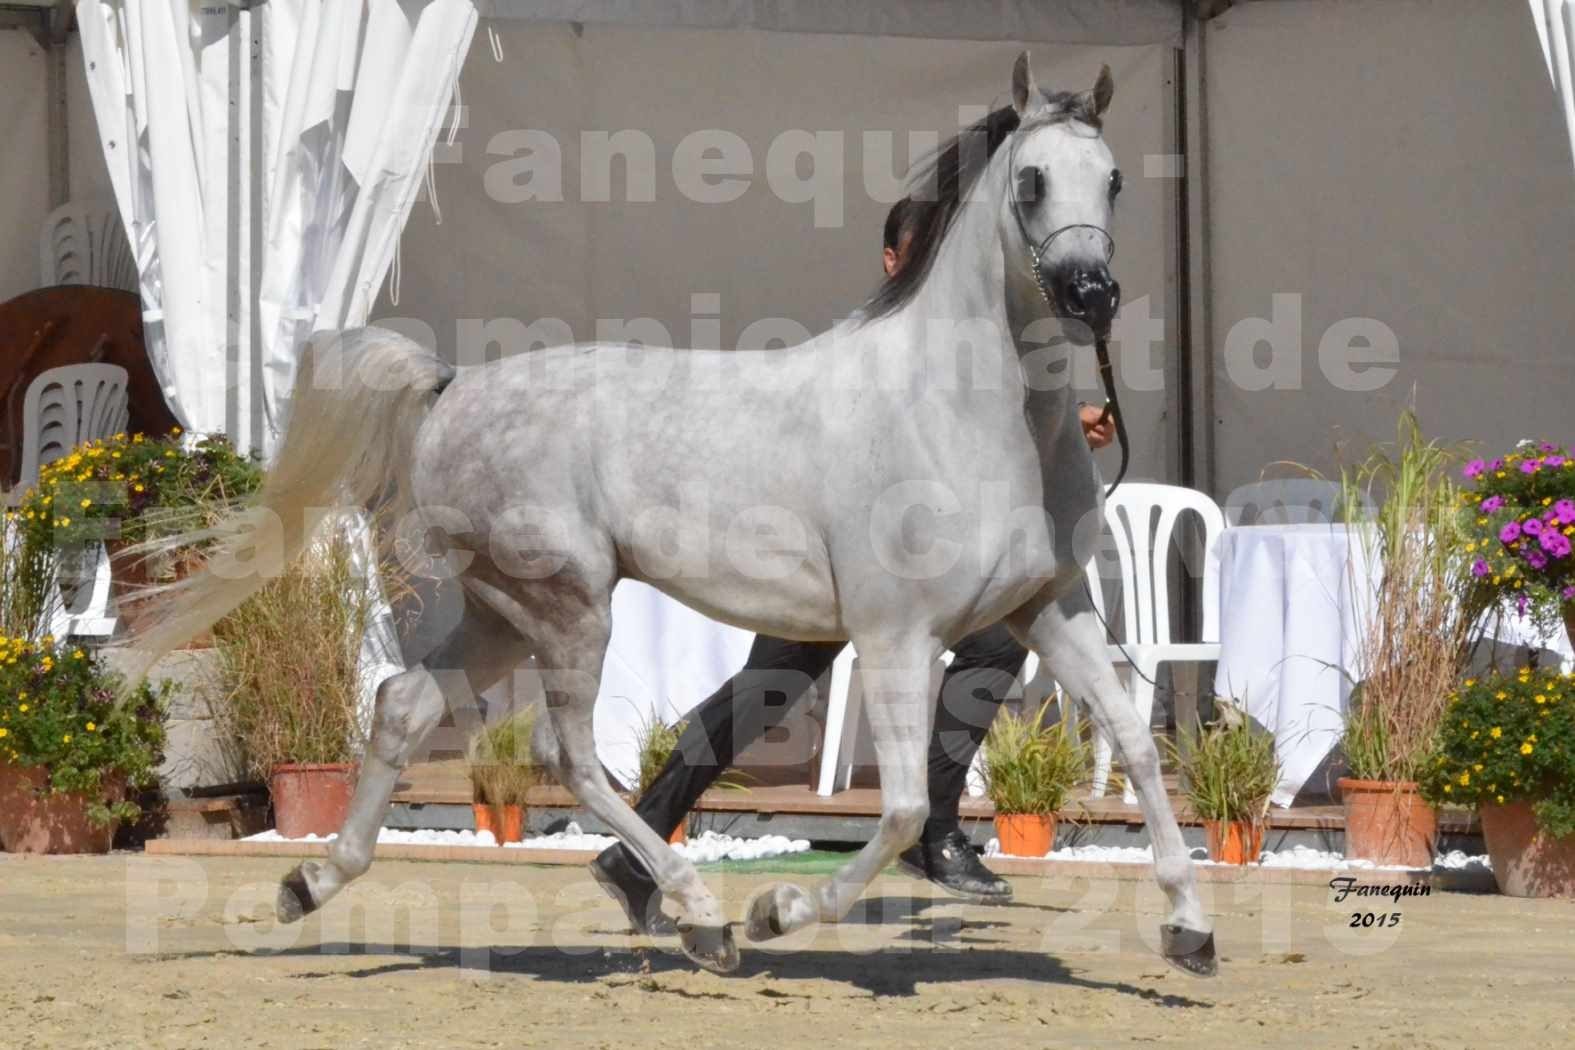 Championnat de FRANCE du cheval ARABE à POMPADOUR les 21, 22 & 23 Août 2015 - Classe Beau & Bon